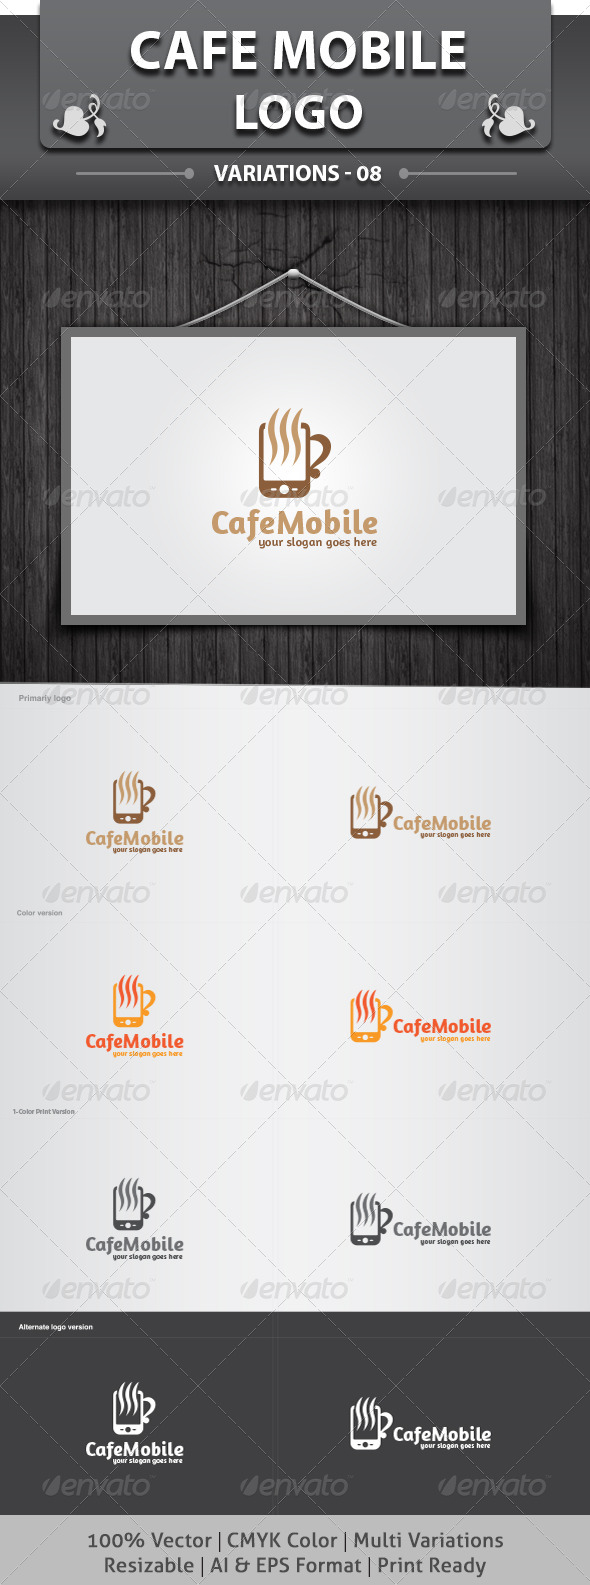 GraphicRiver Cafe Mobile Logo 5789539